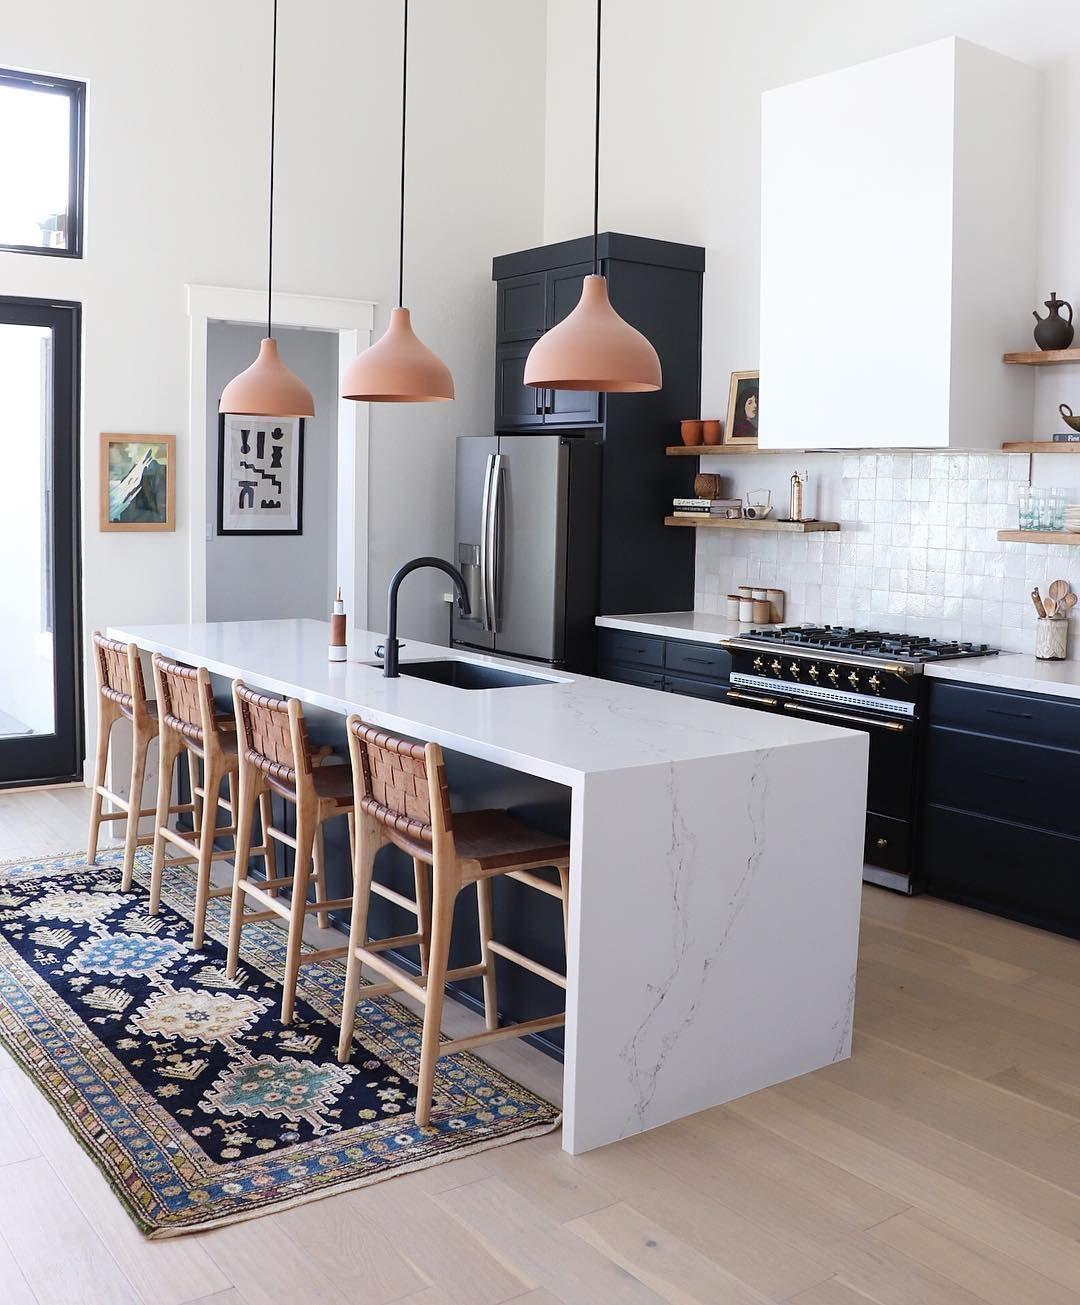 En utfyllende fargepalett løfter et moderne kjøkken | Hunker,  #fargepalett #Hunker #kitchendesign, En utfyllende fargepalett løfter et moderne kjøkken | Hunker...